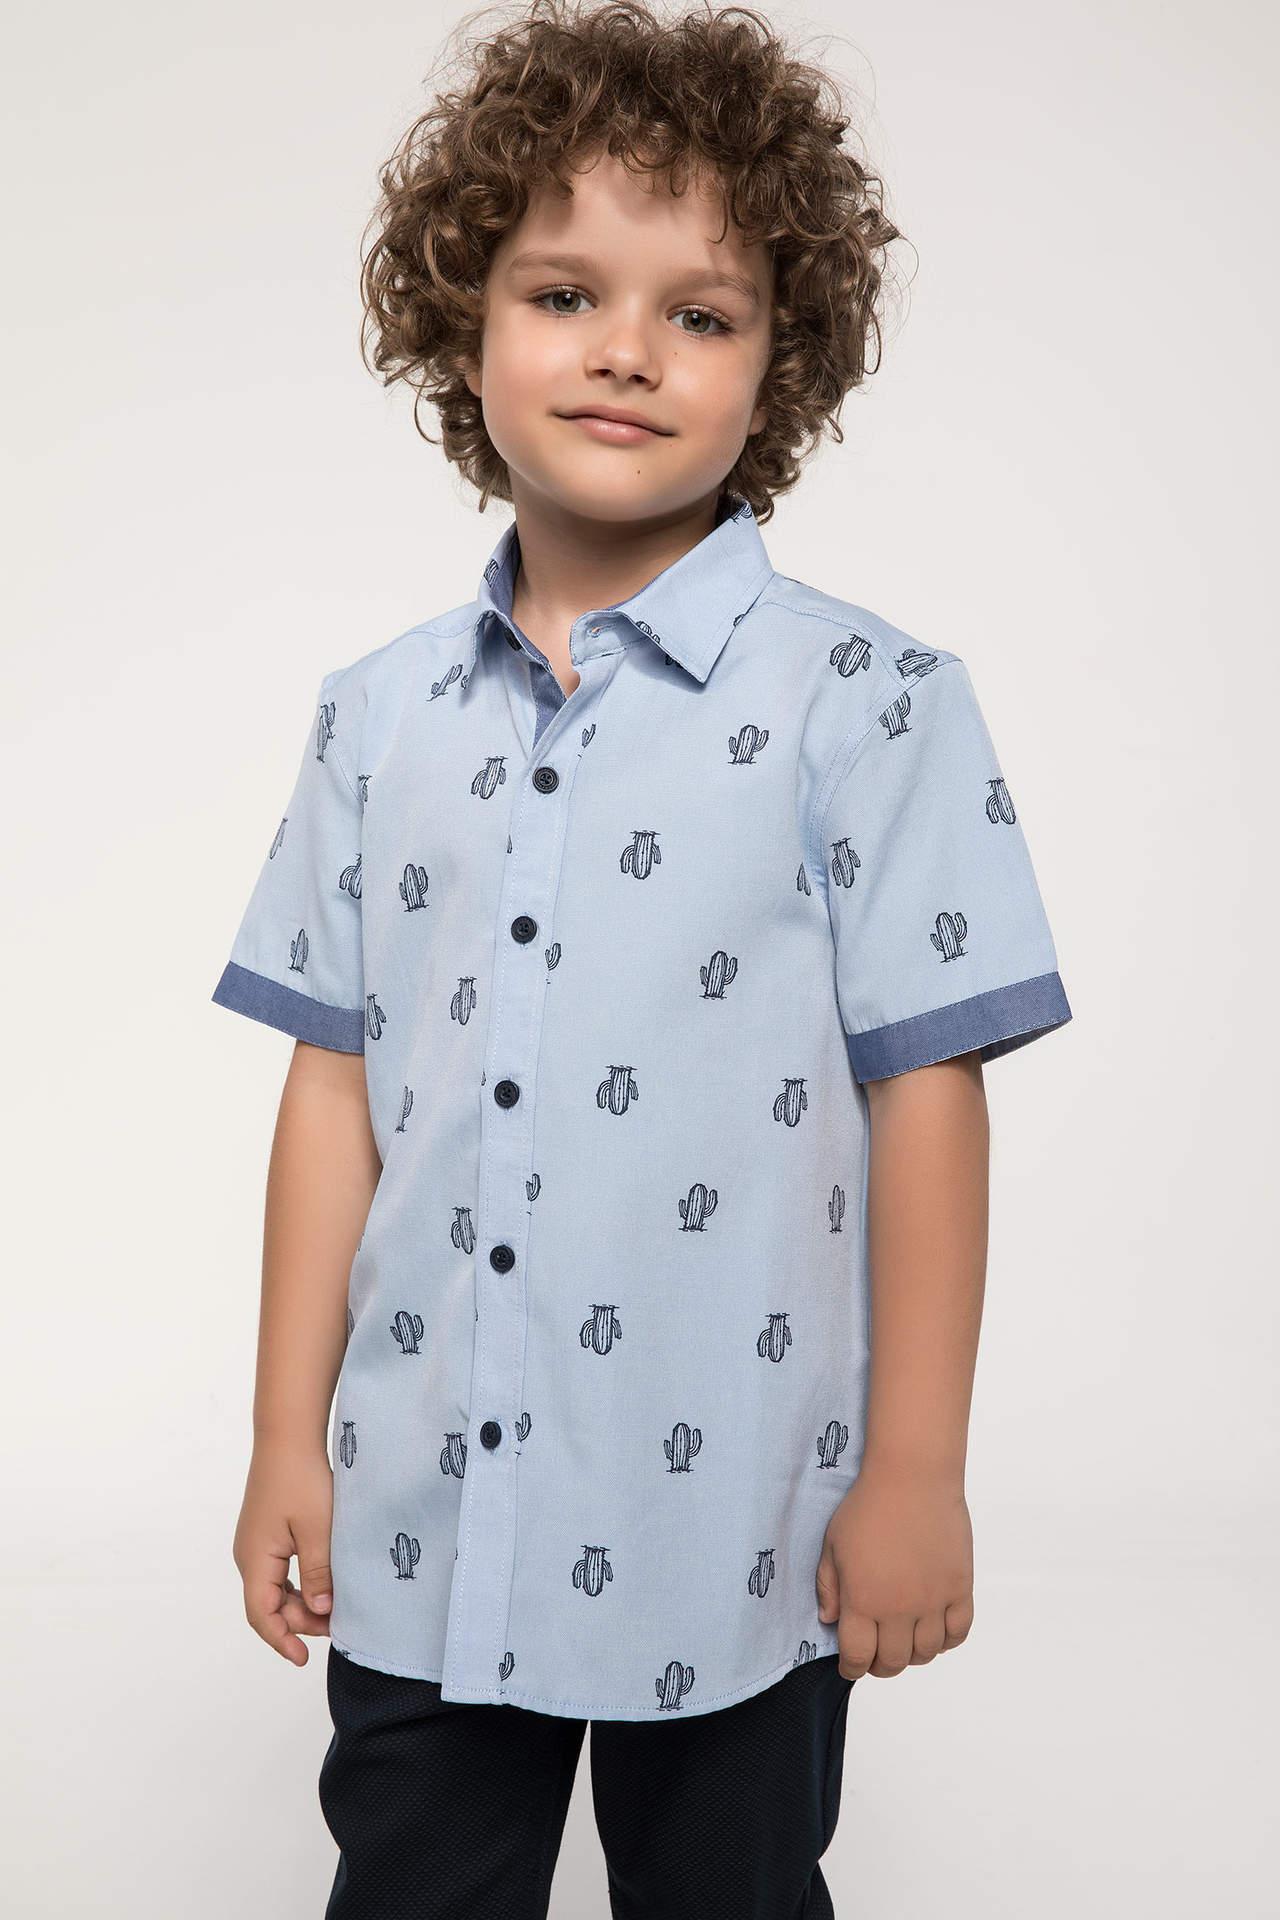 DeFacto Erkek Çocuk Vual Balık Baskılı Gömlek Mavi male